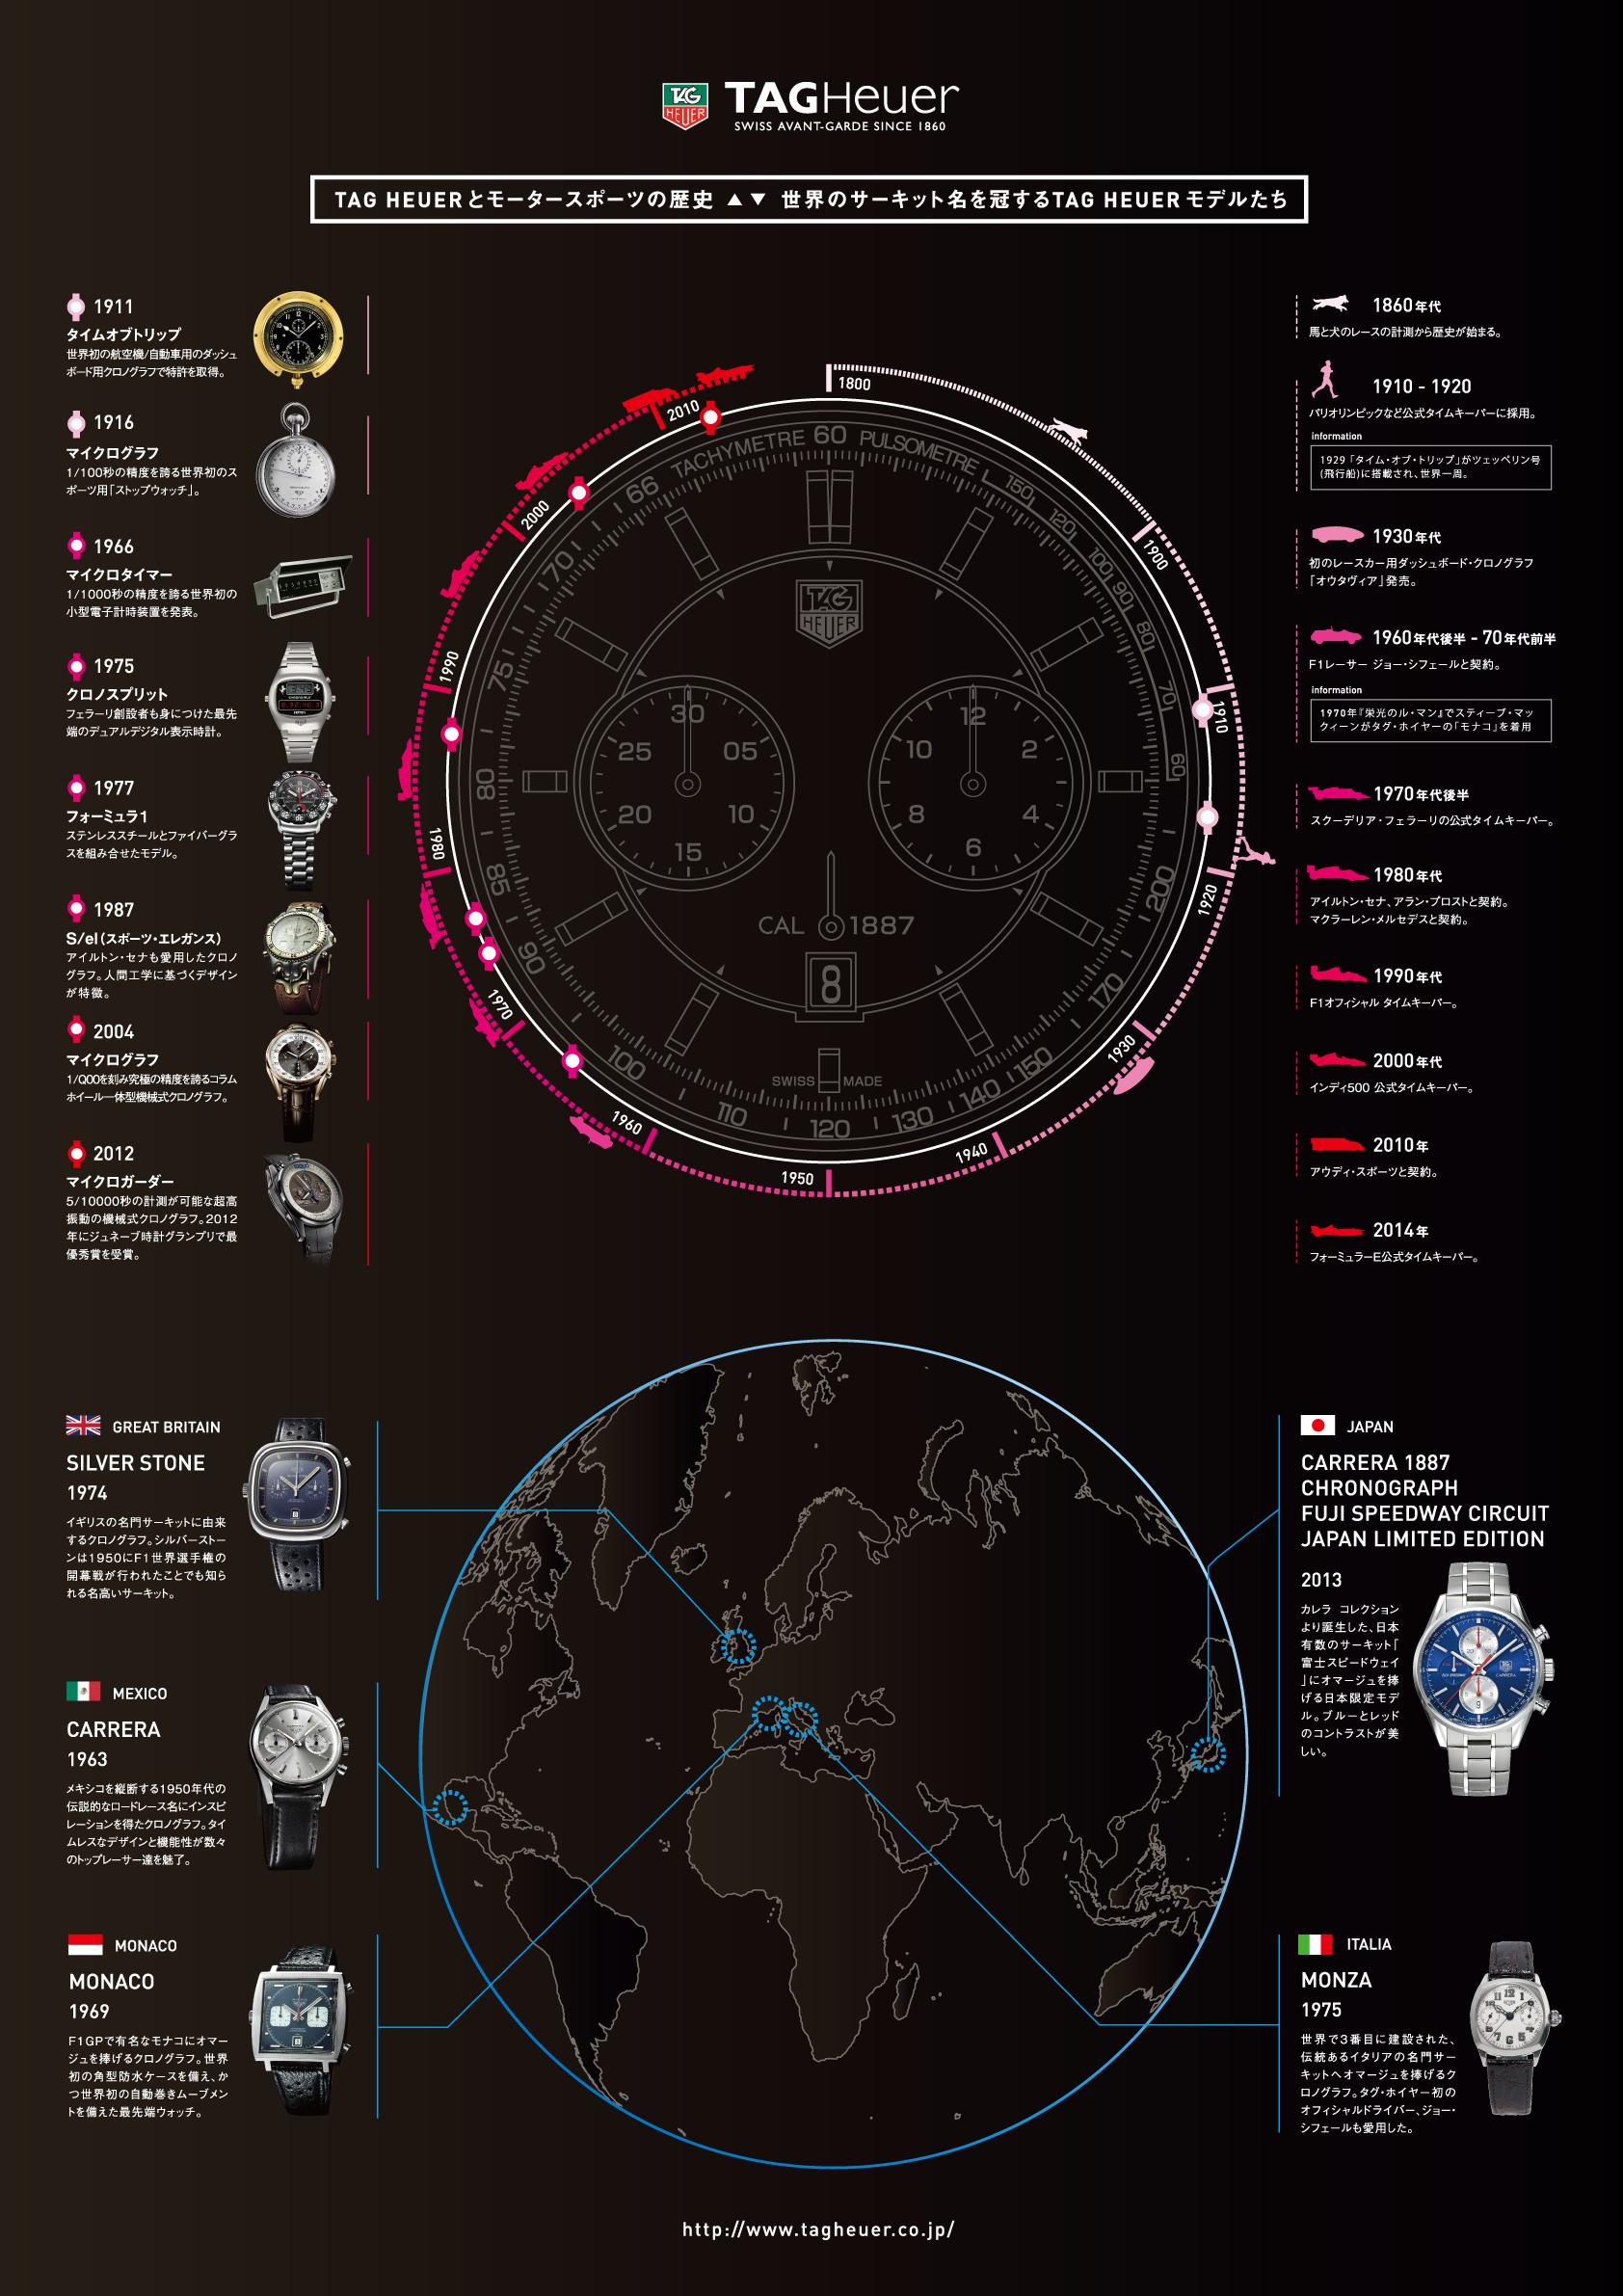 インフォグラフィック:F1公式タイムキーパーのタグ・ホイヤー。創業時はドッグレースを計測